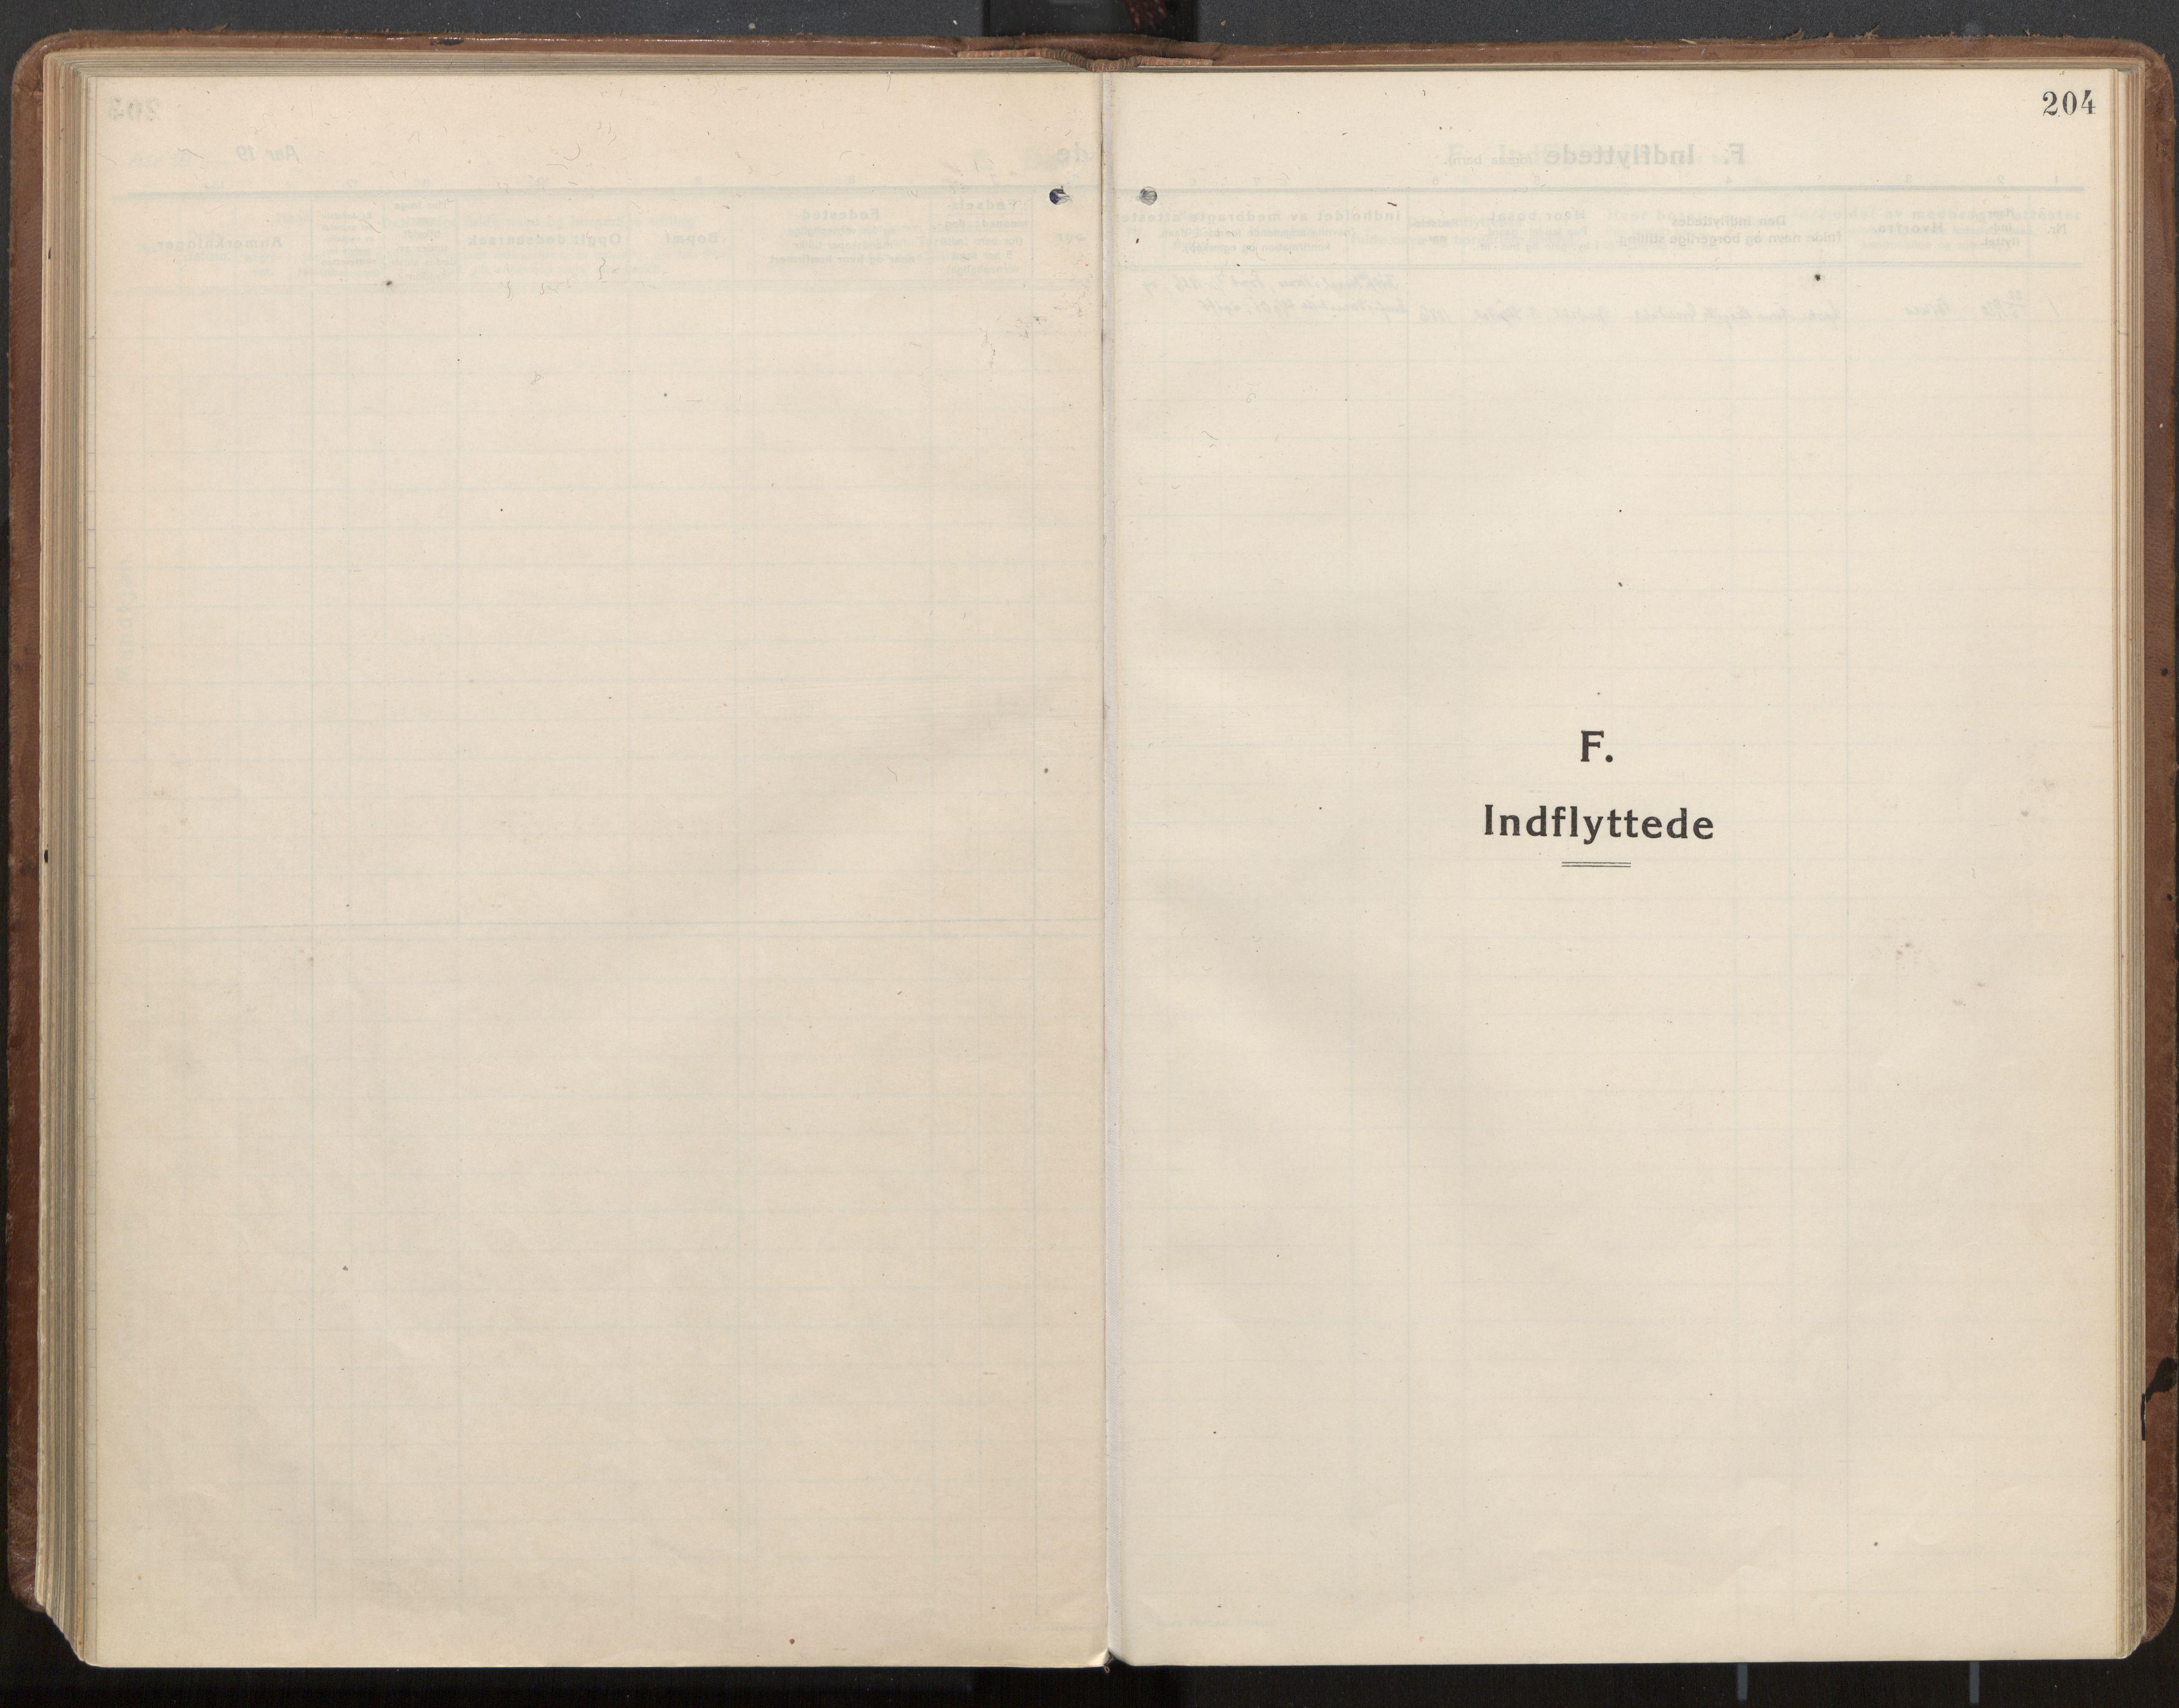 SAT, Ministerialprotokoller, klokkerbøker og fødselsregistre - Nord-Trøndelag, 703/L0037: Ministerialbok nr. 703A10, 1915-1932, s. 204